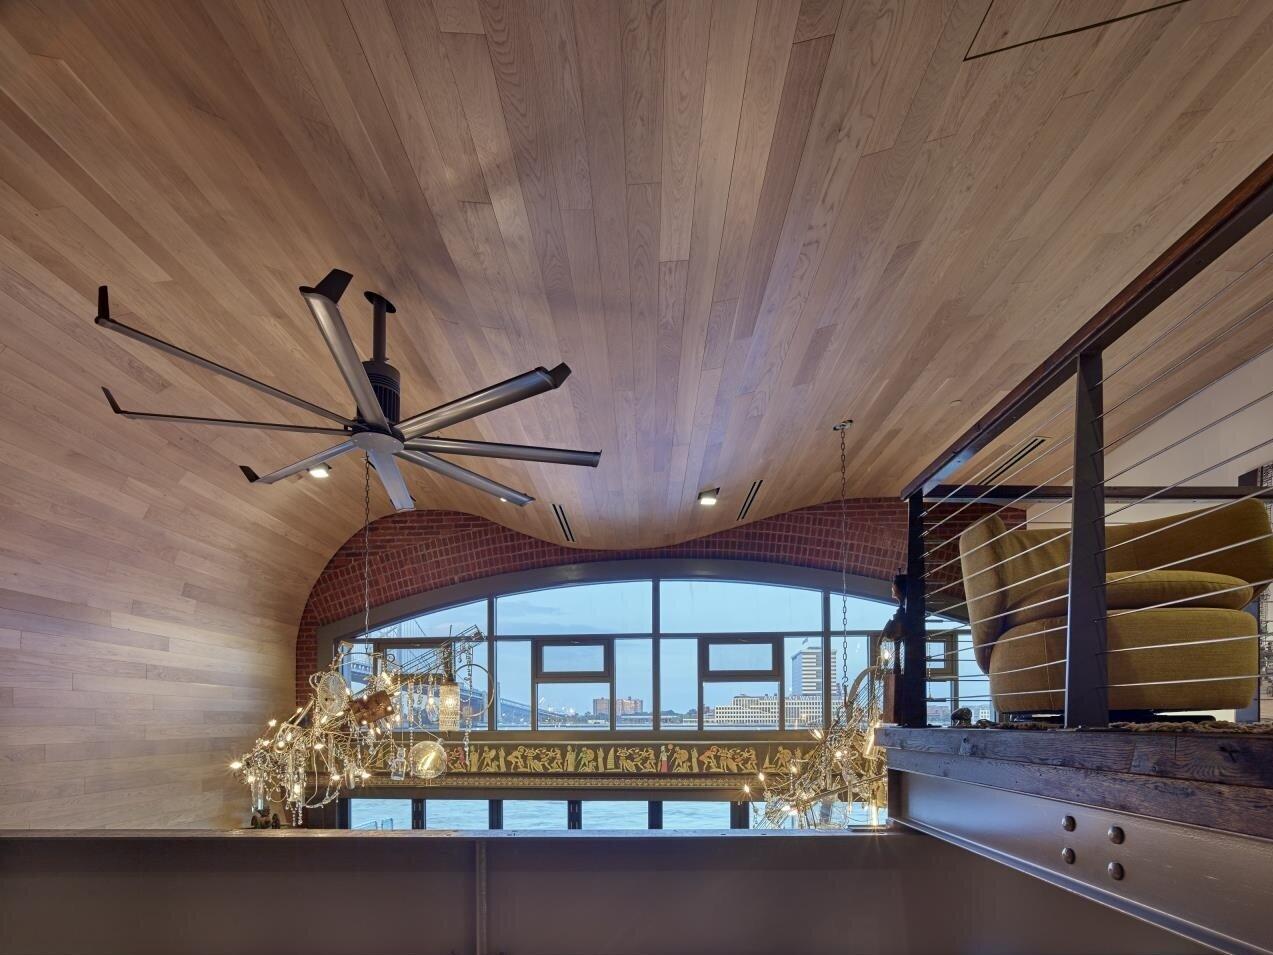 Unique Wood Wave Ceiling